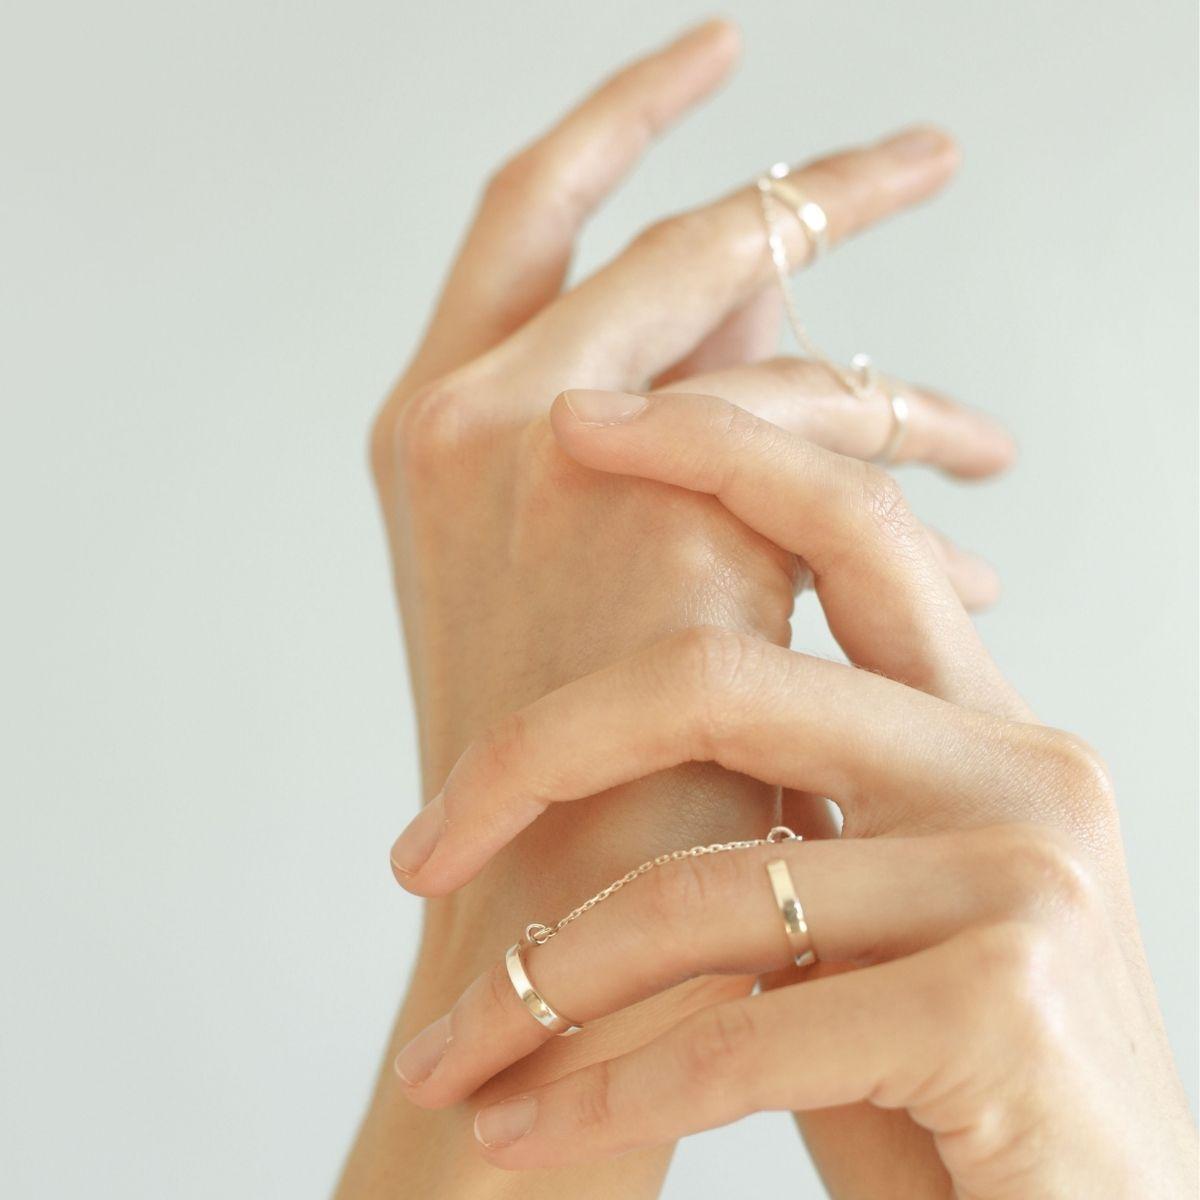 Серебряные кольца на руке у девушки